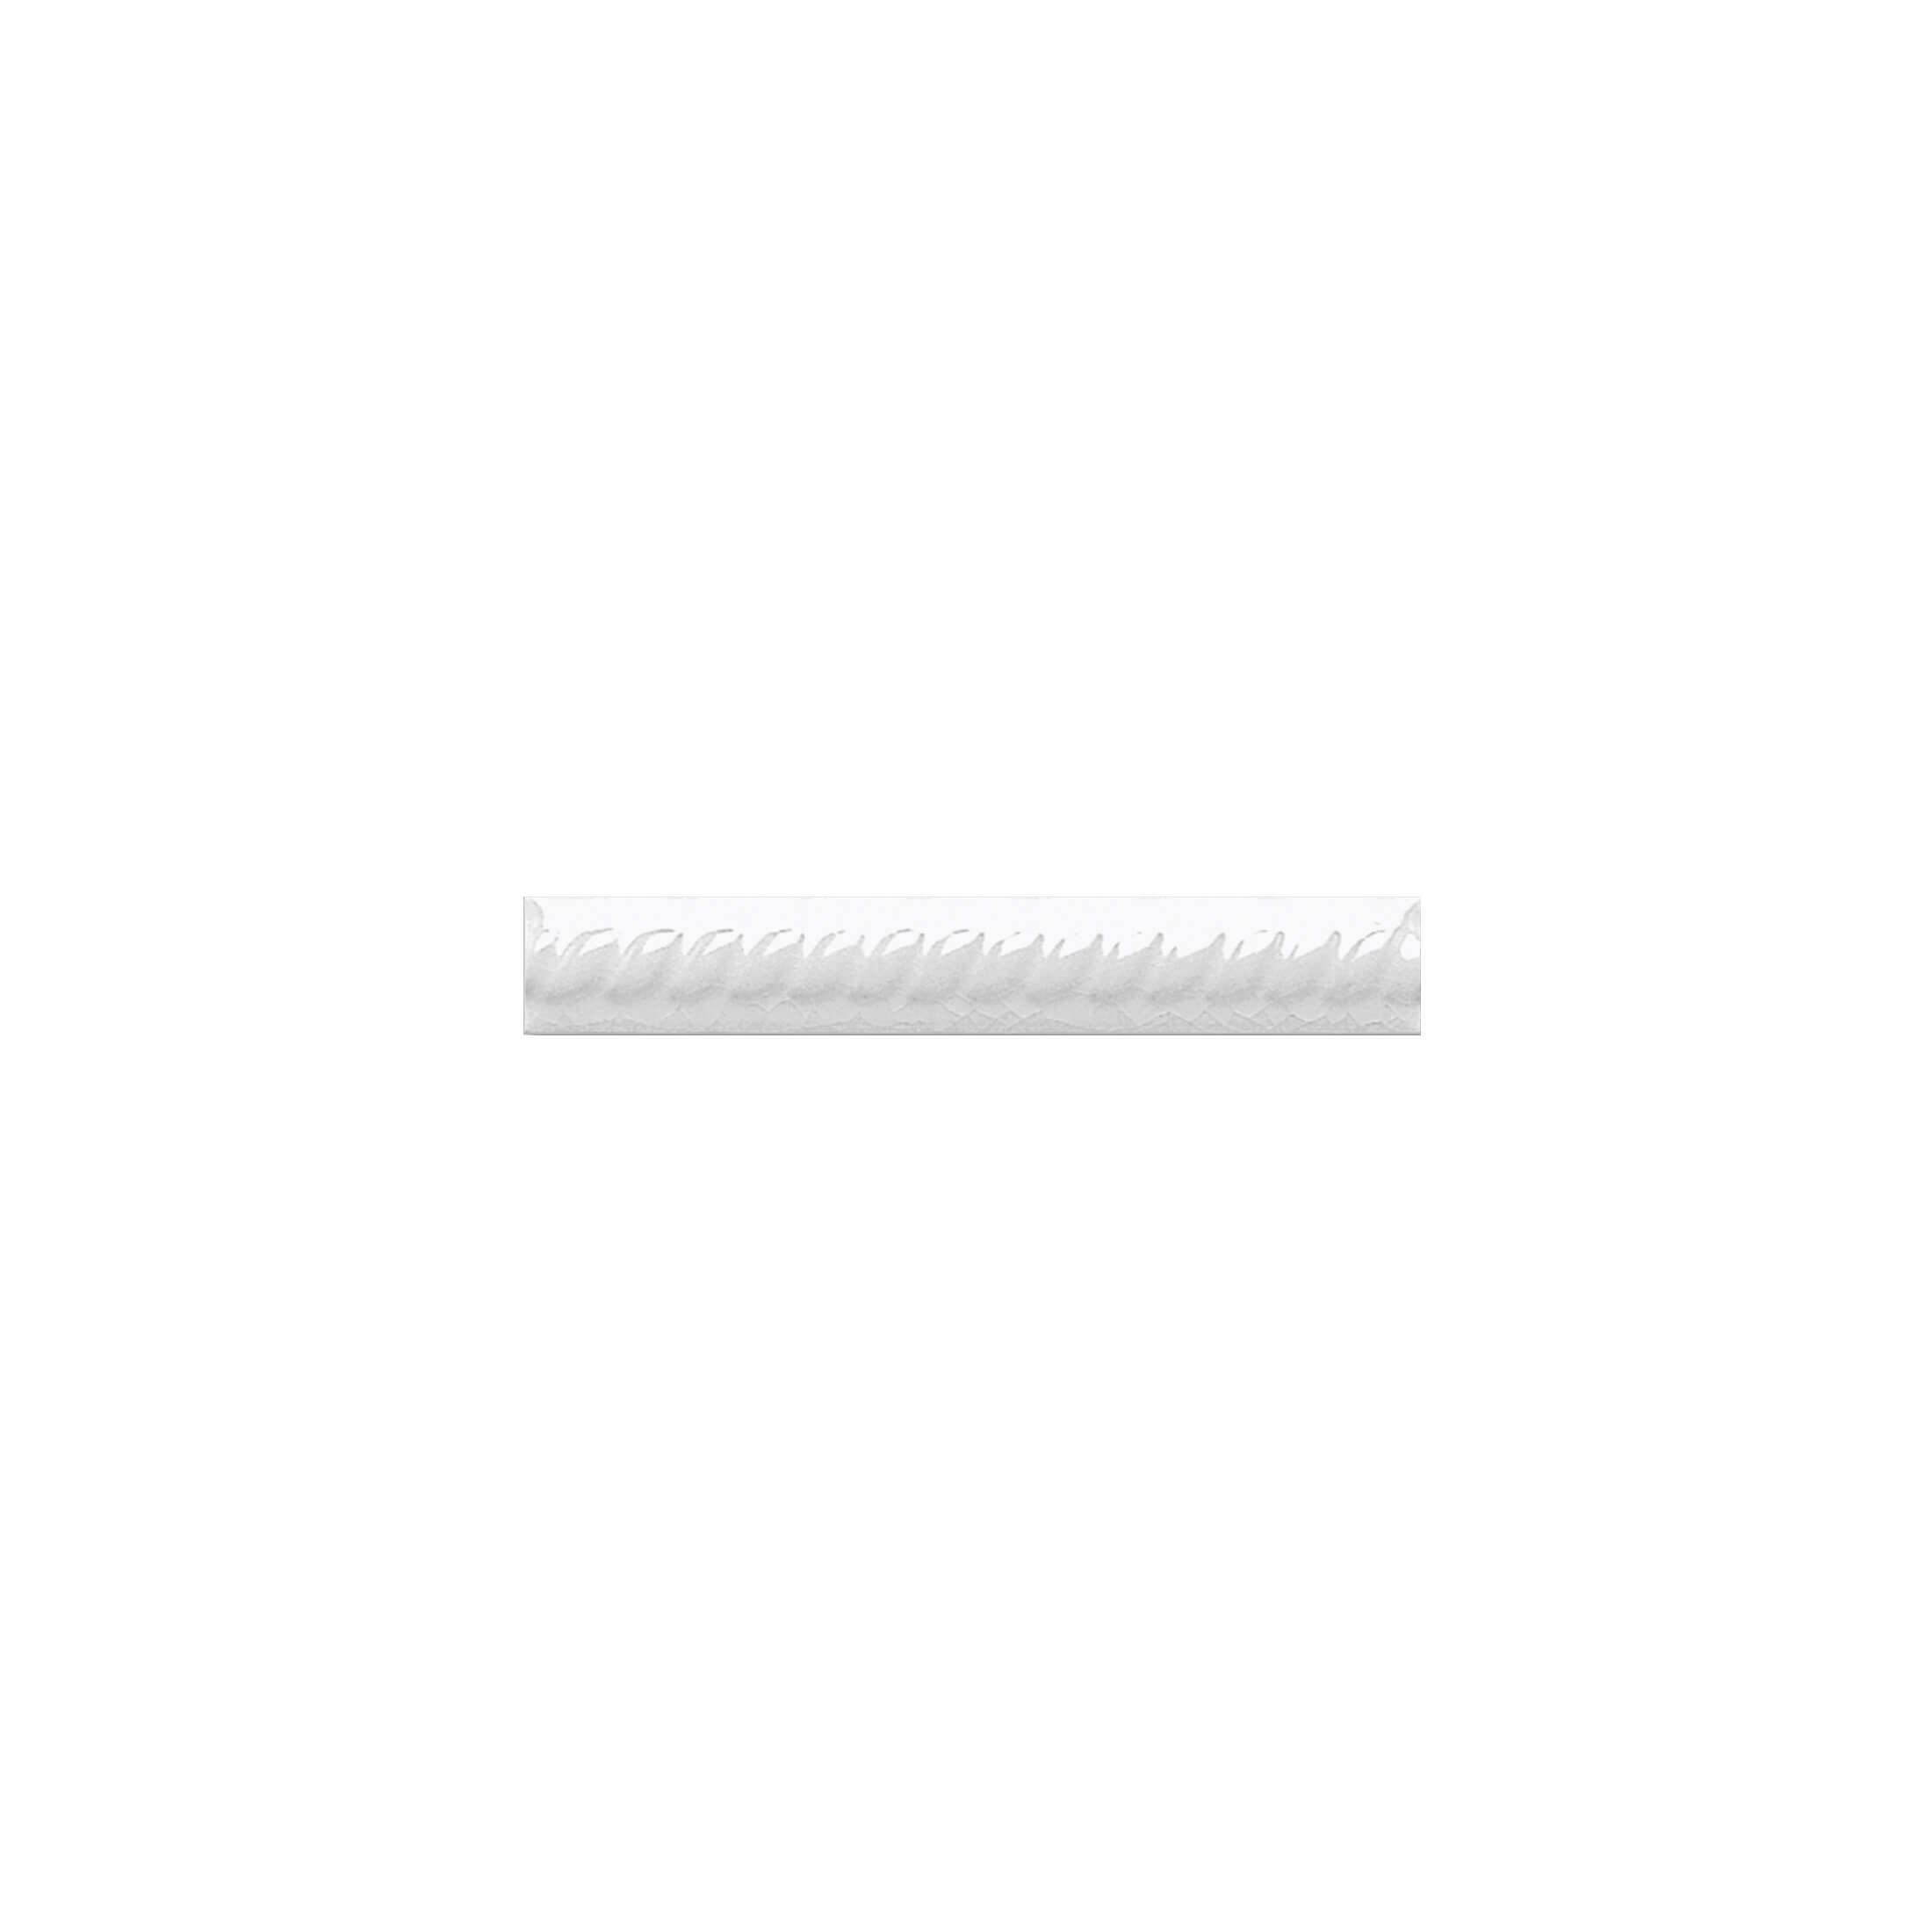 ADMO5184 - TRENZA PB C/C - 2.5 cm X 15 cm